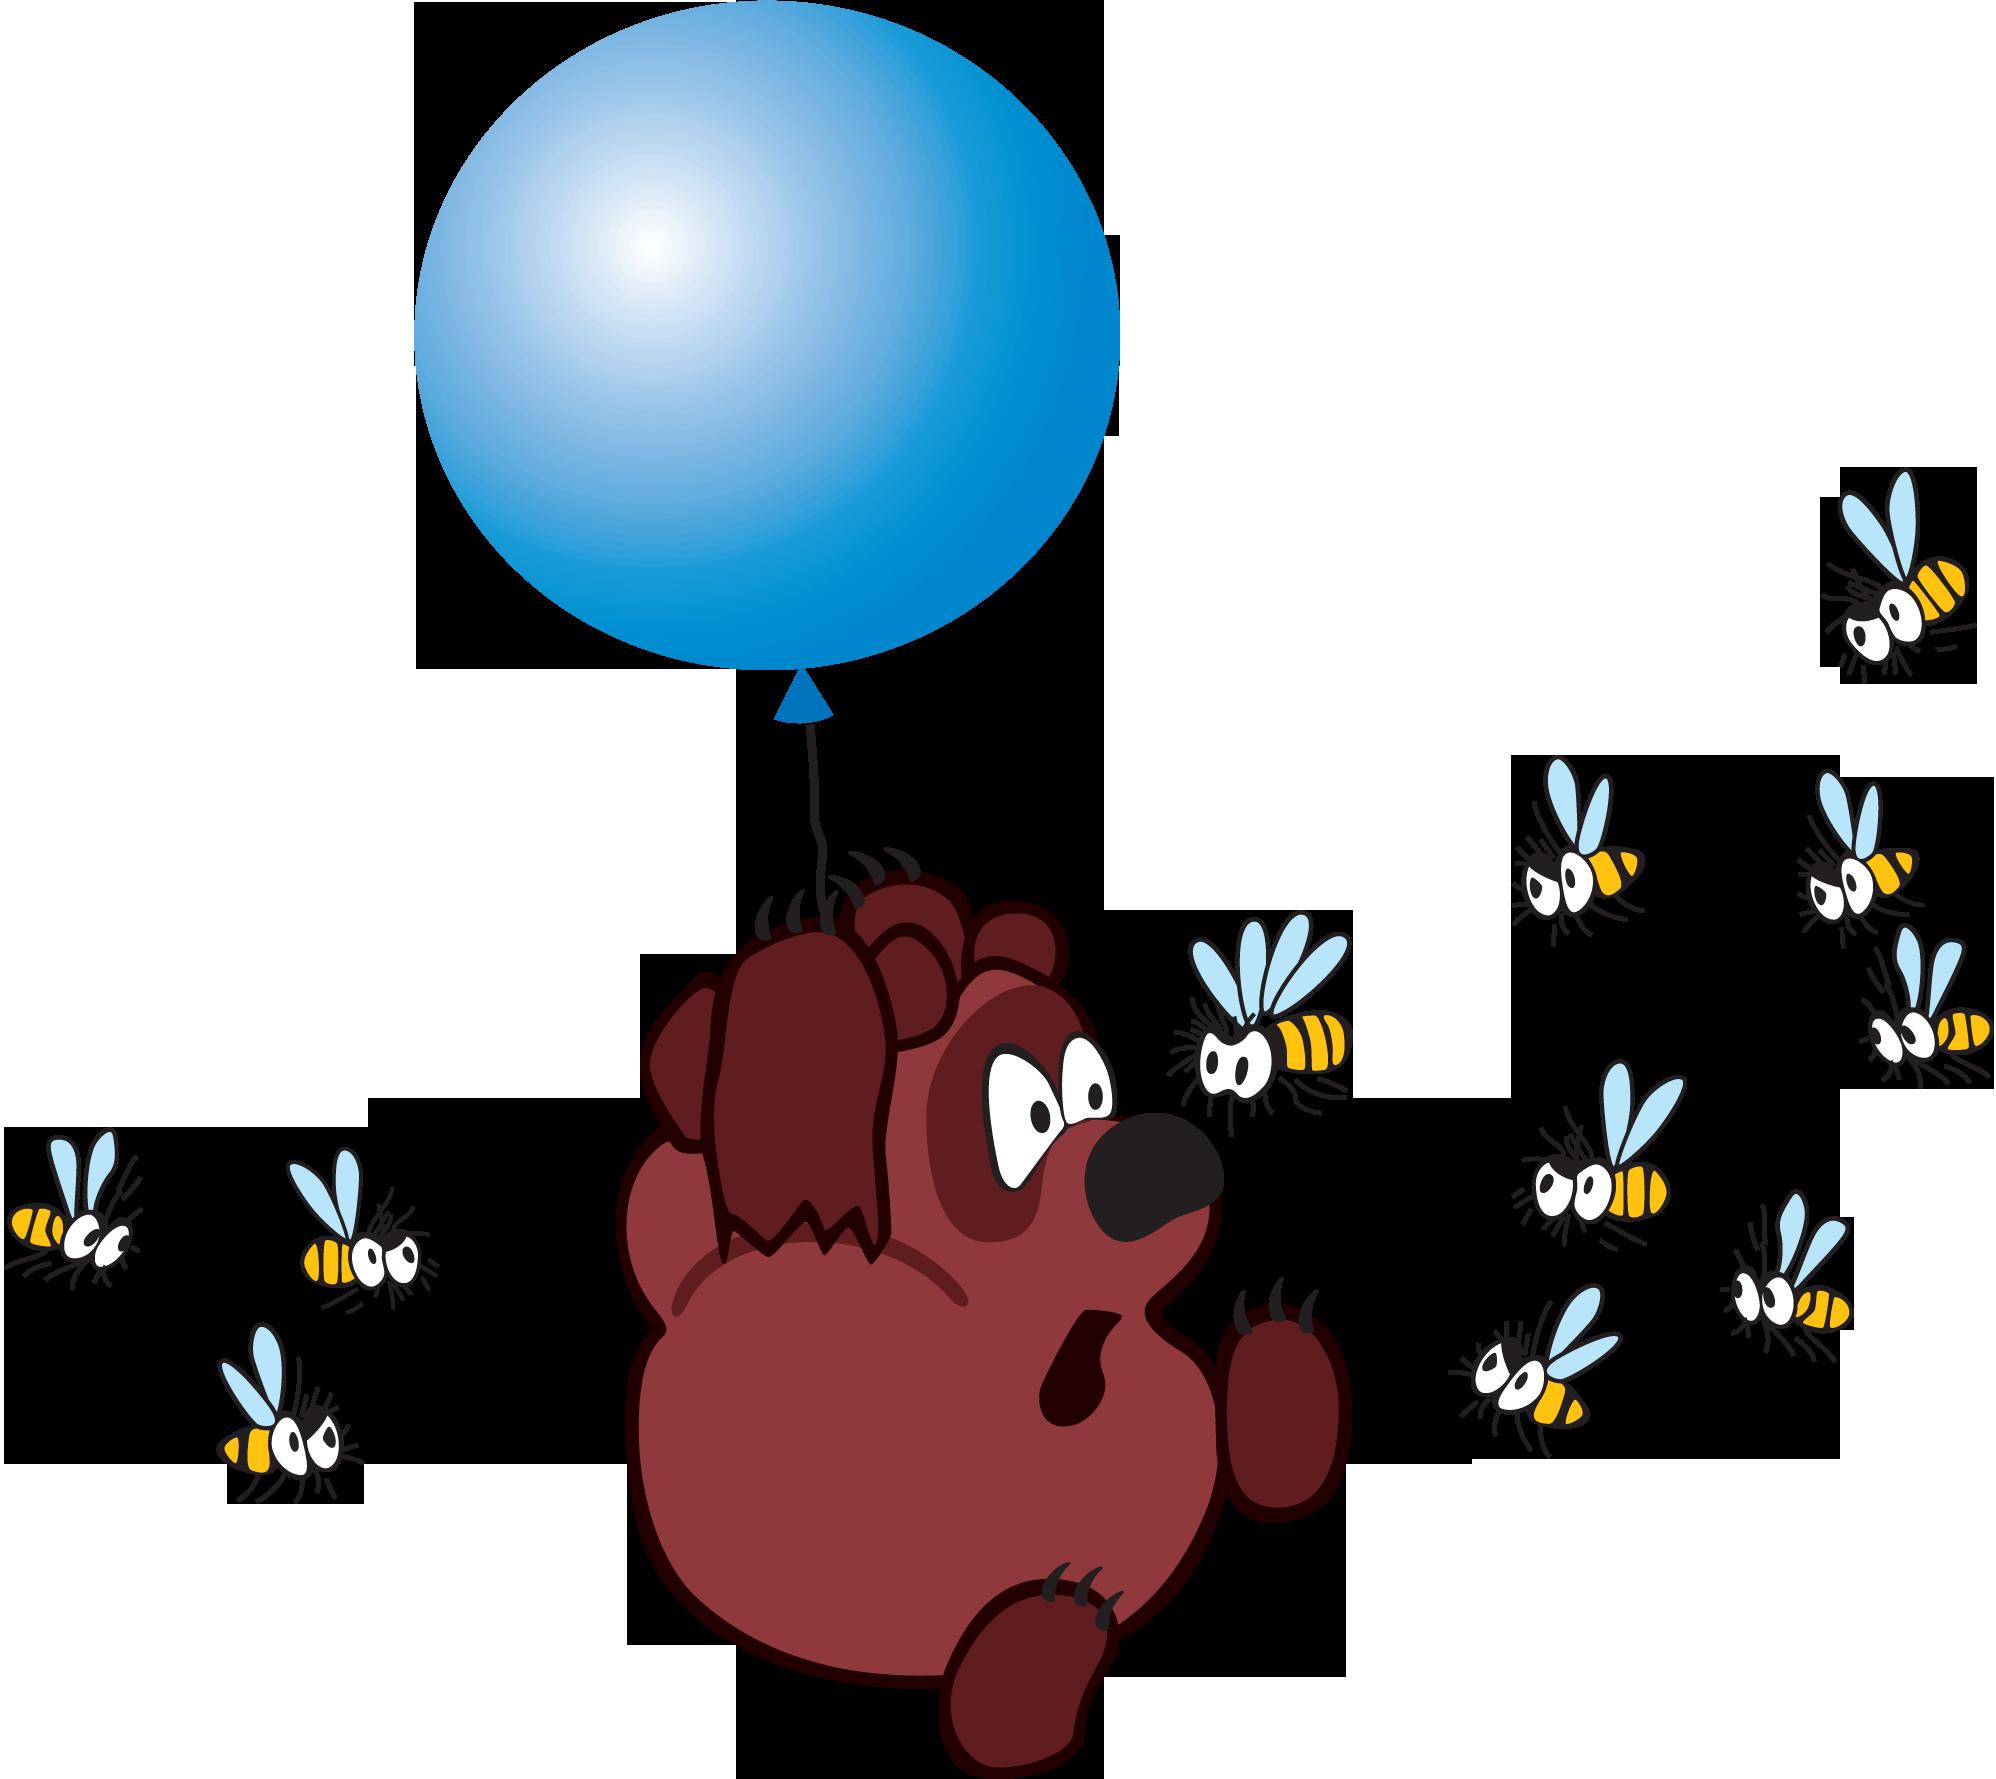 Фрагмент мультфильма Винни Пух